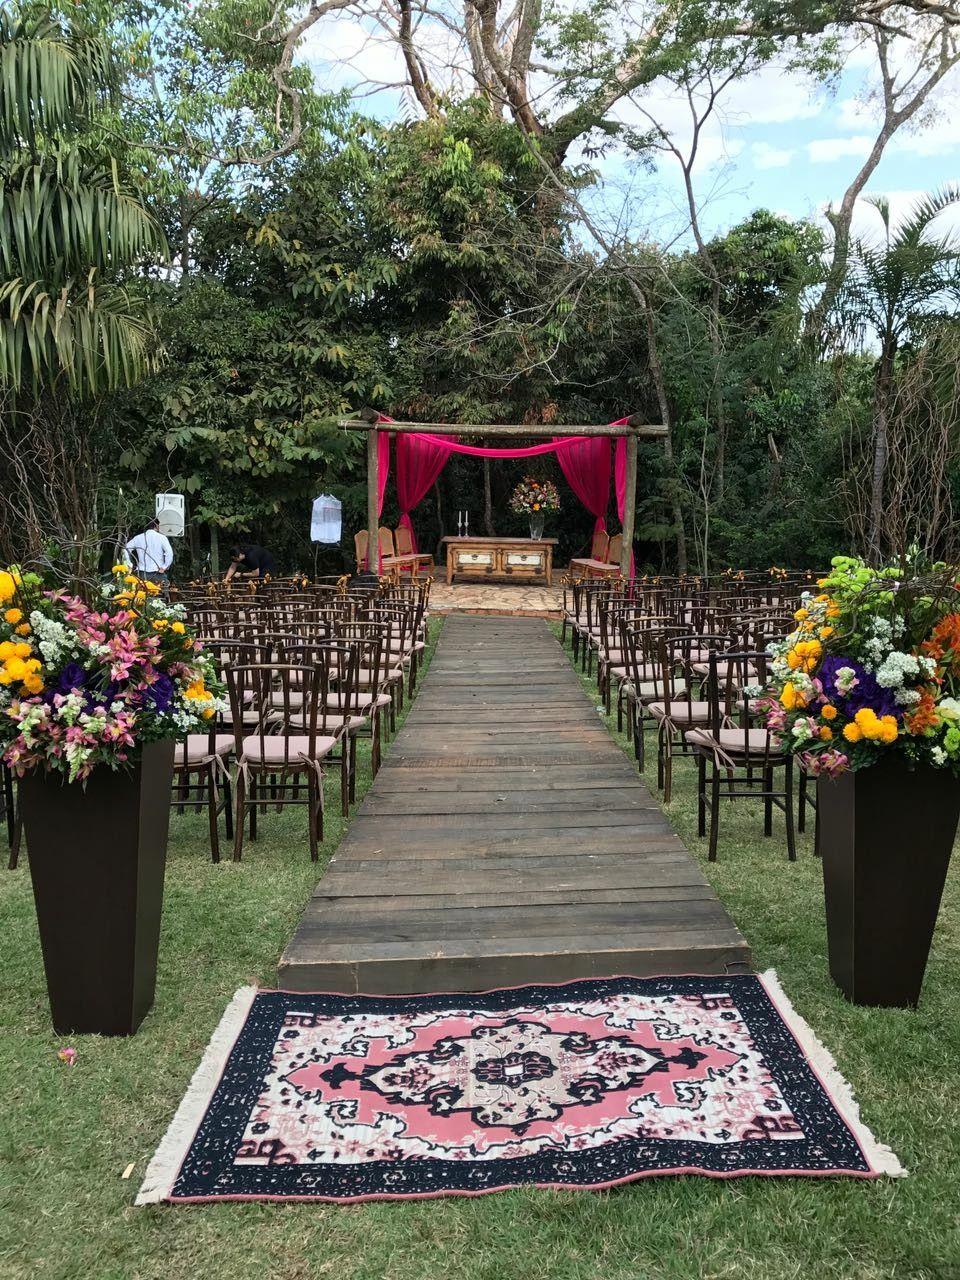 Cerimonia Ao Ar Livre Com Passarela De Madeira Casamento Lindo